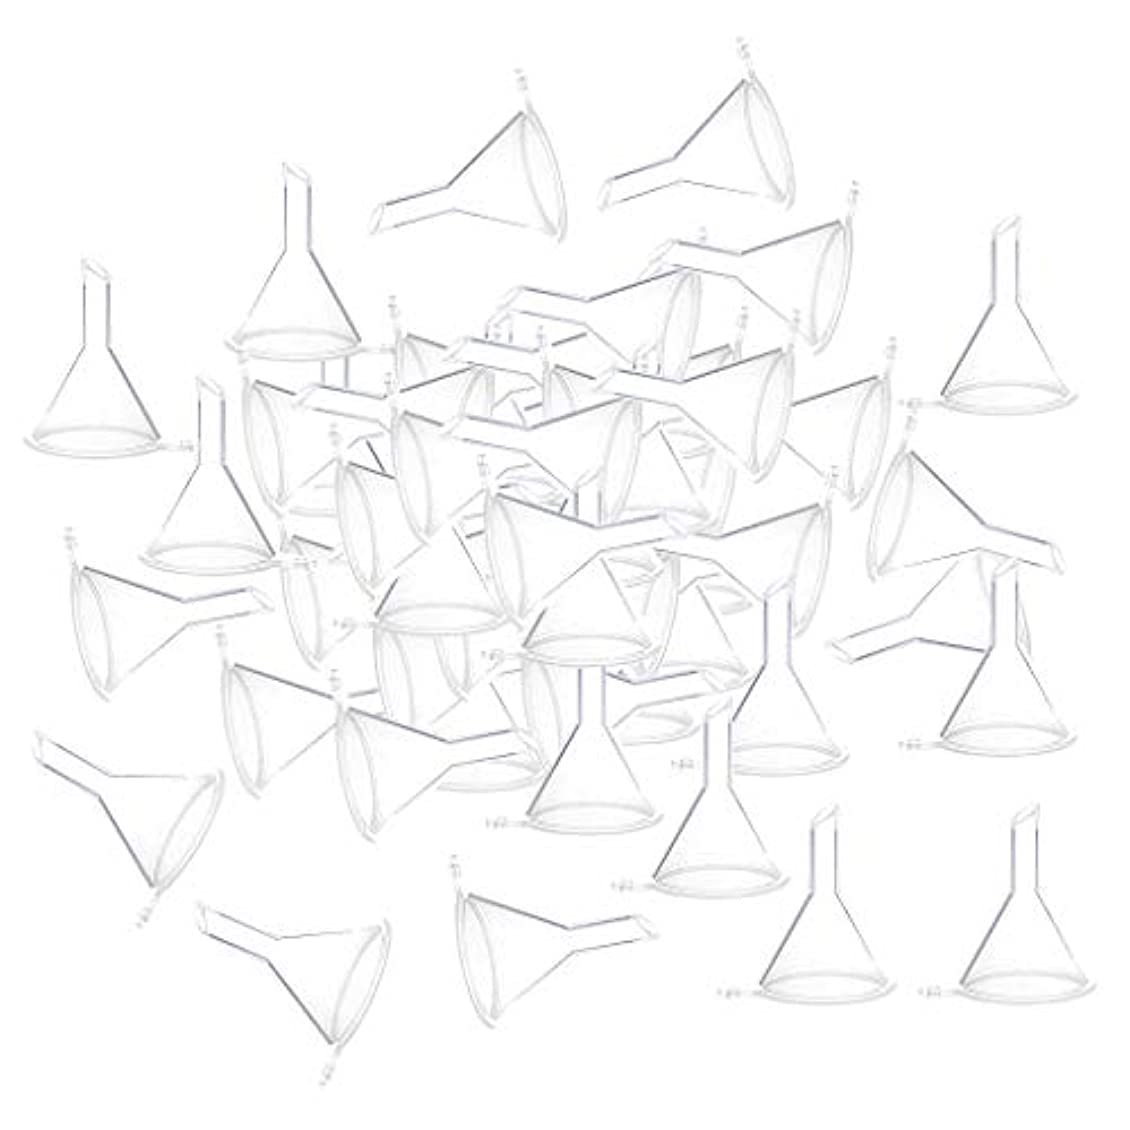 物理的な麻痺ミシン目小分けツール ミニ ファンネル エッセンシャルオイル 液体 香水用 全100個 3カラー - クリア